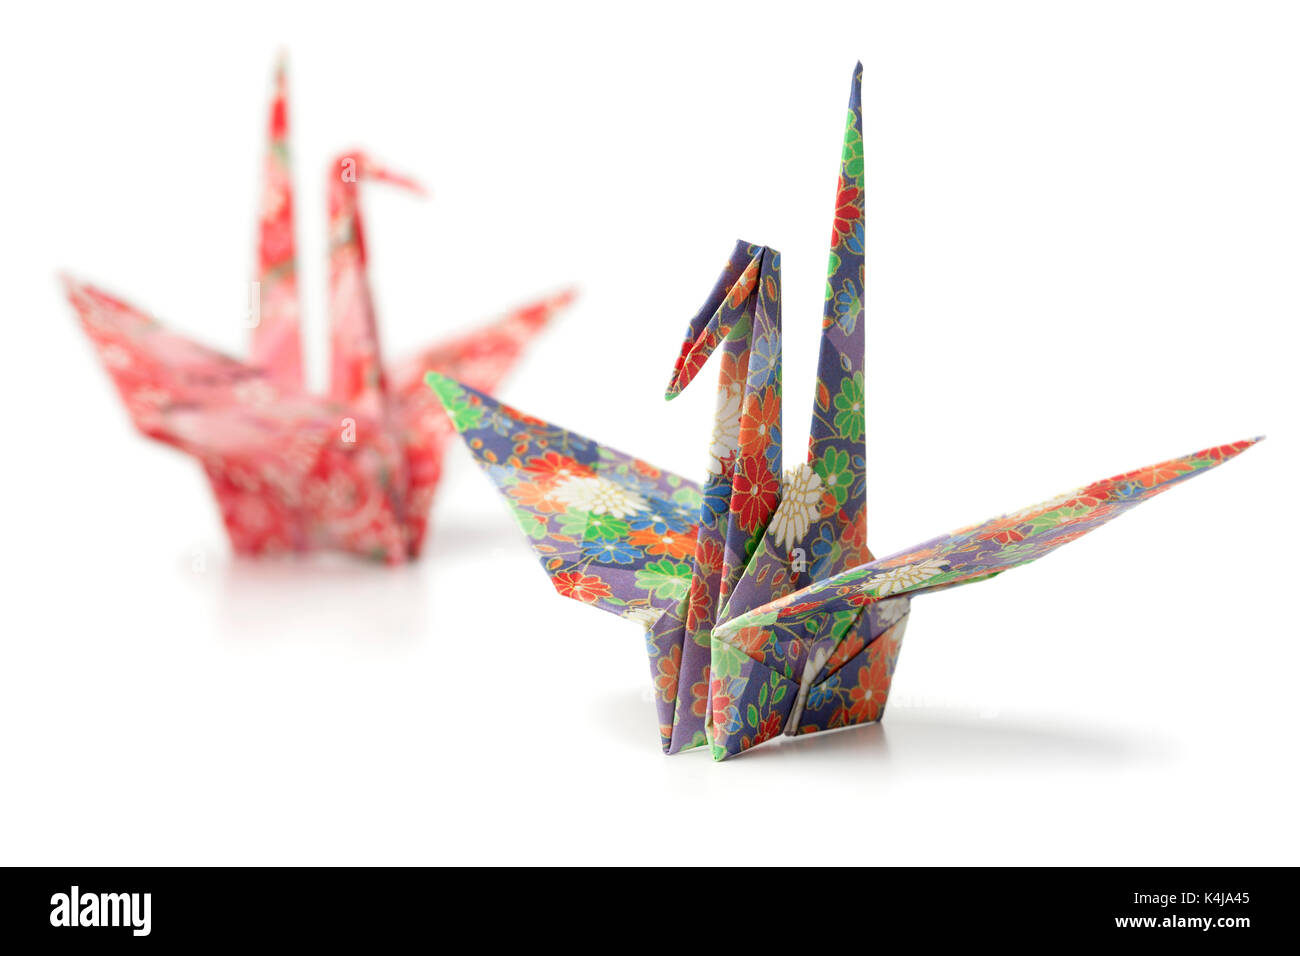 Zwei origami Papier Kran Vögel auf weißem Hintergrund Stockbild